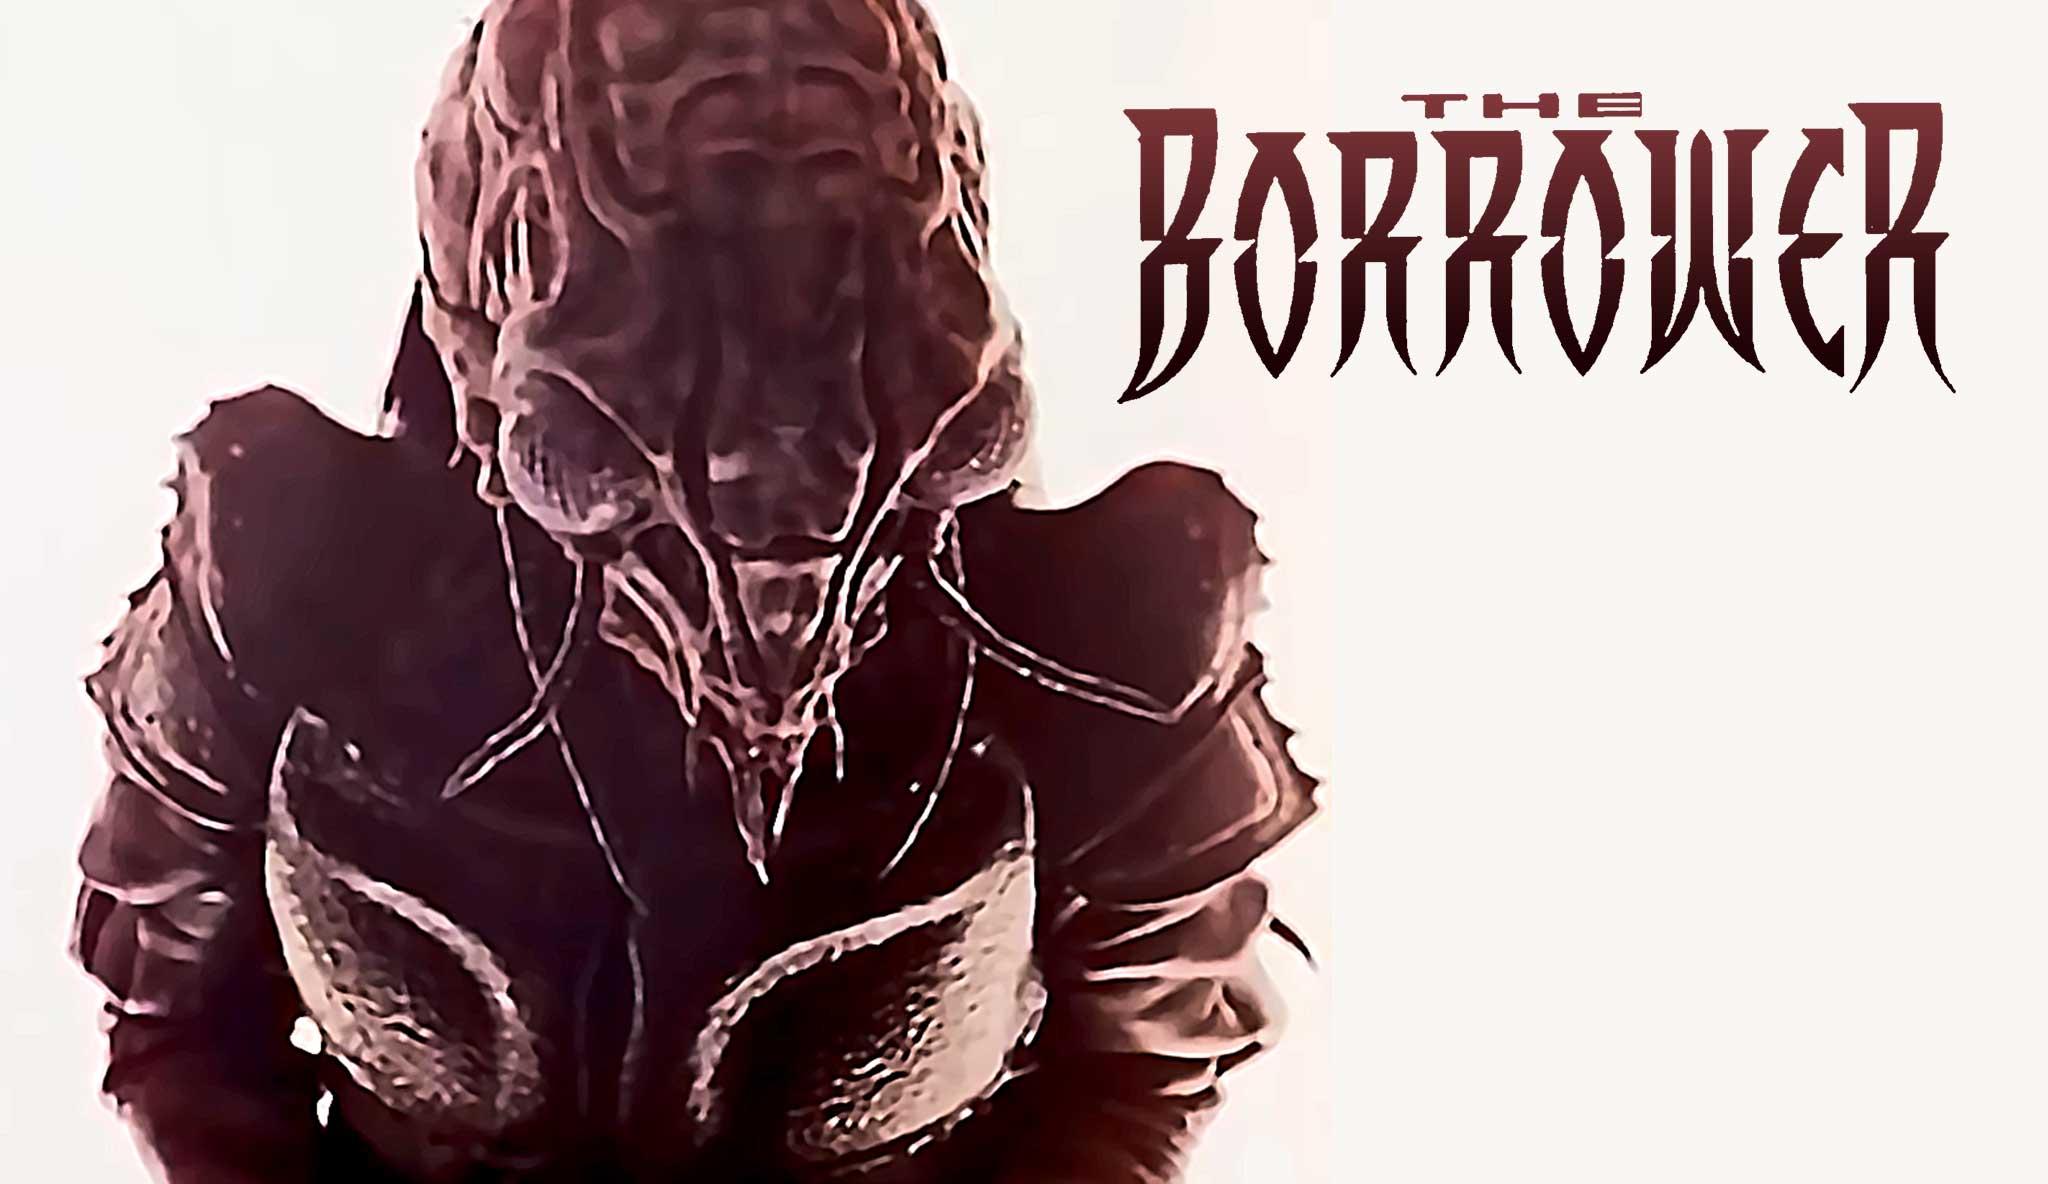 the-borrower-alienkiller\header.jpg